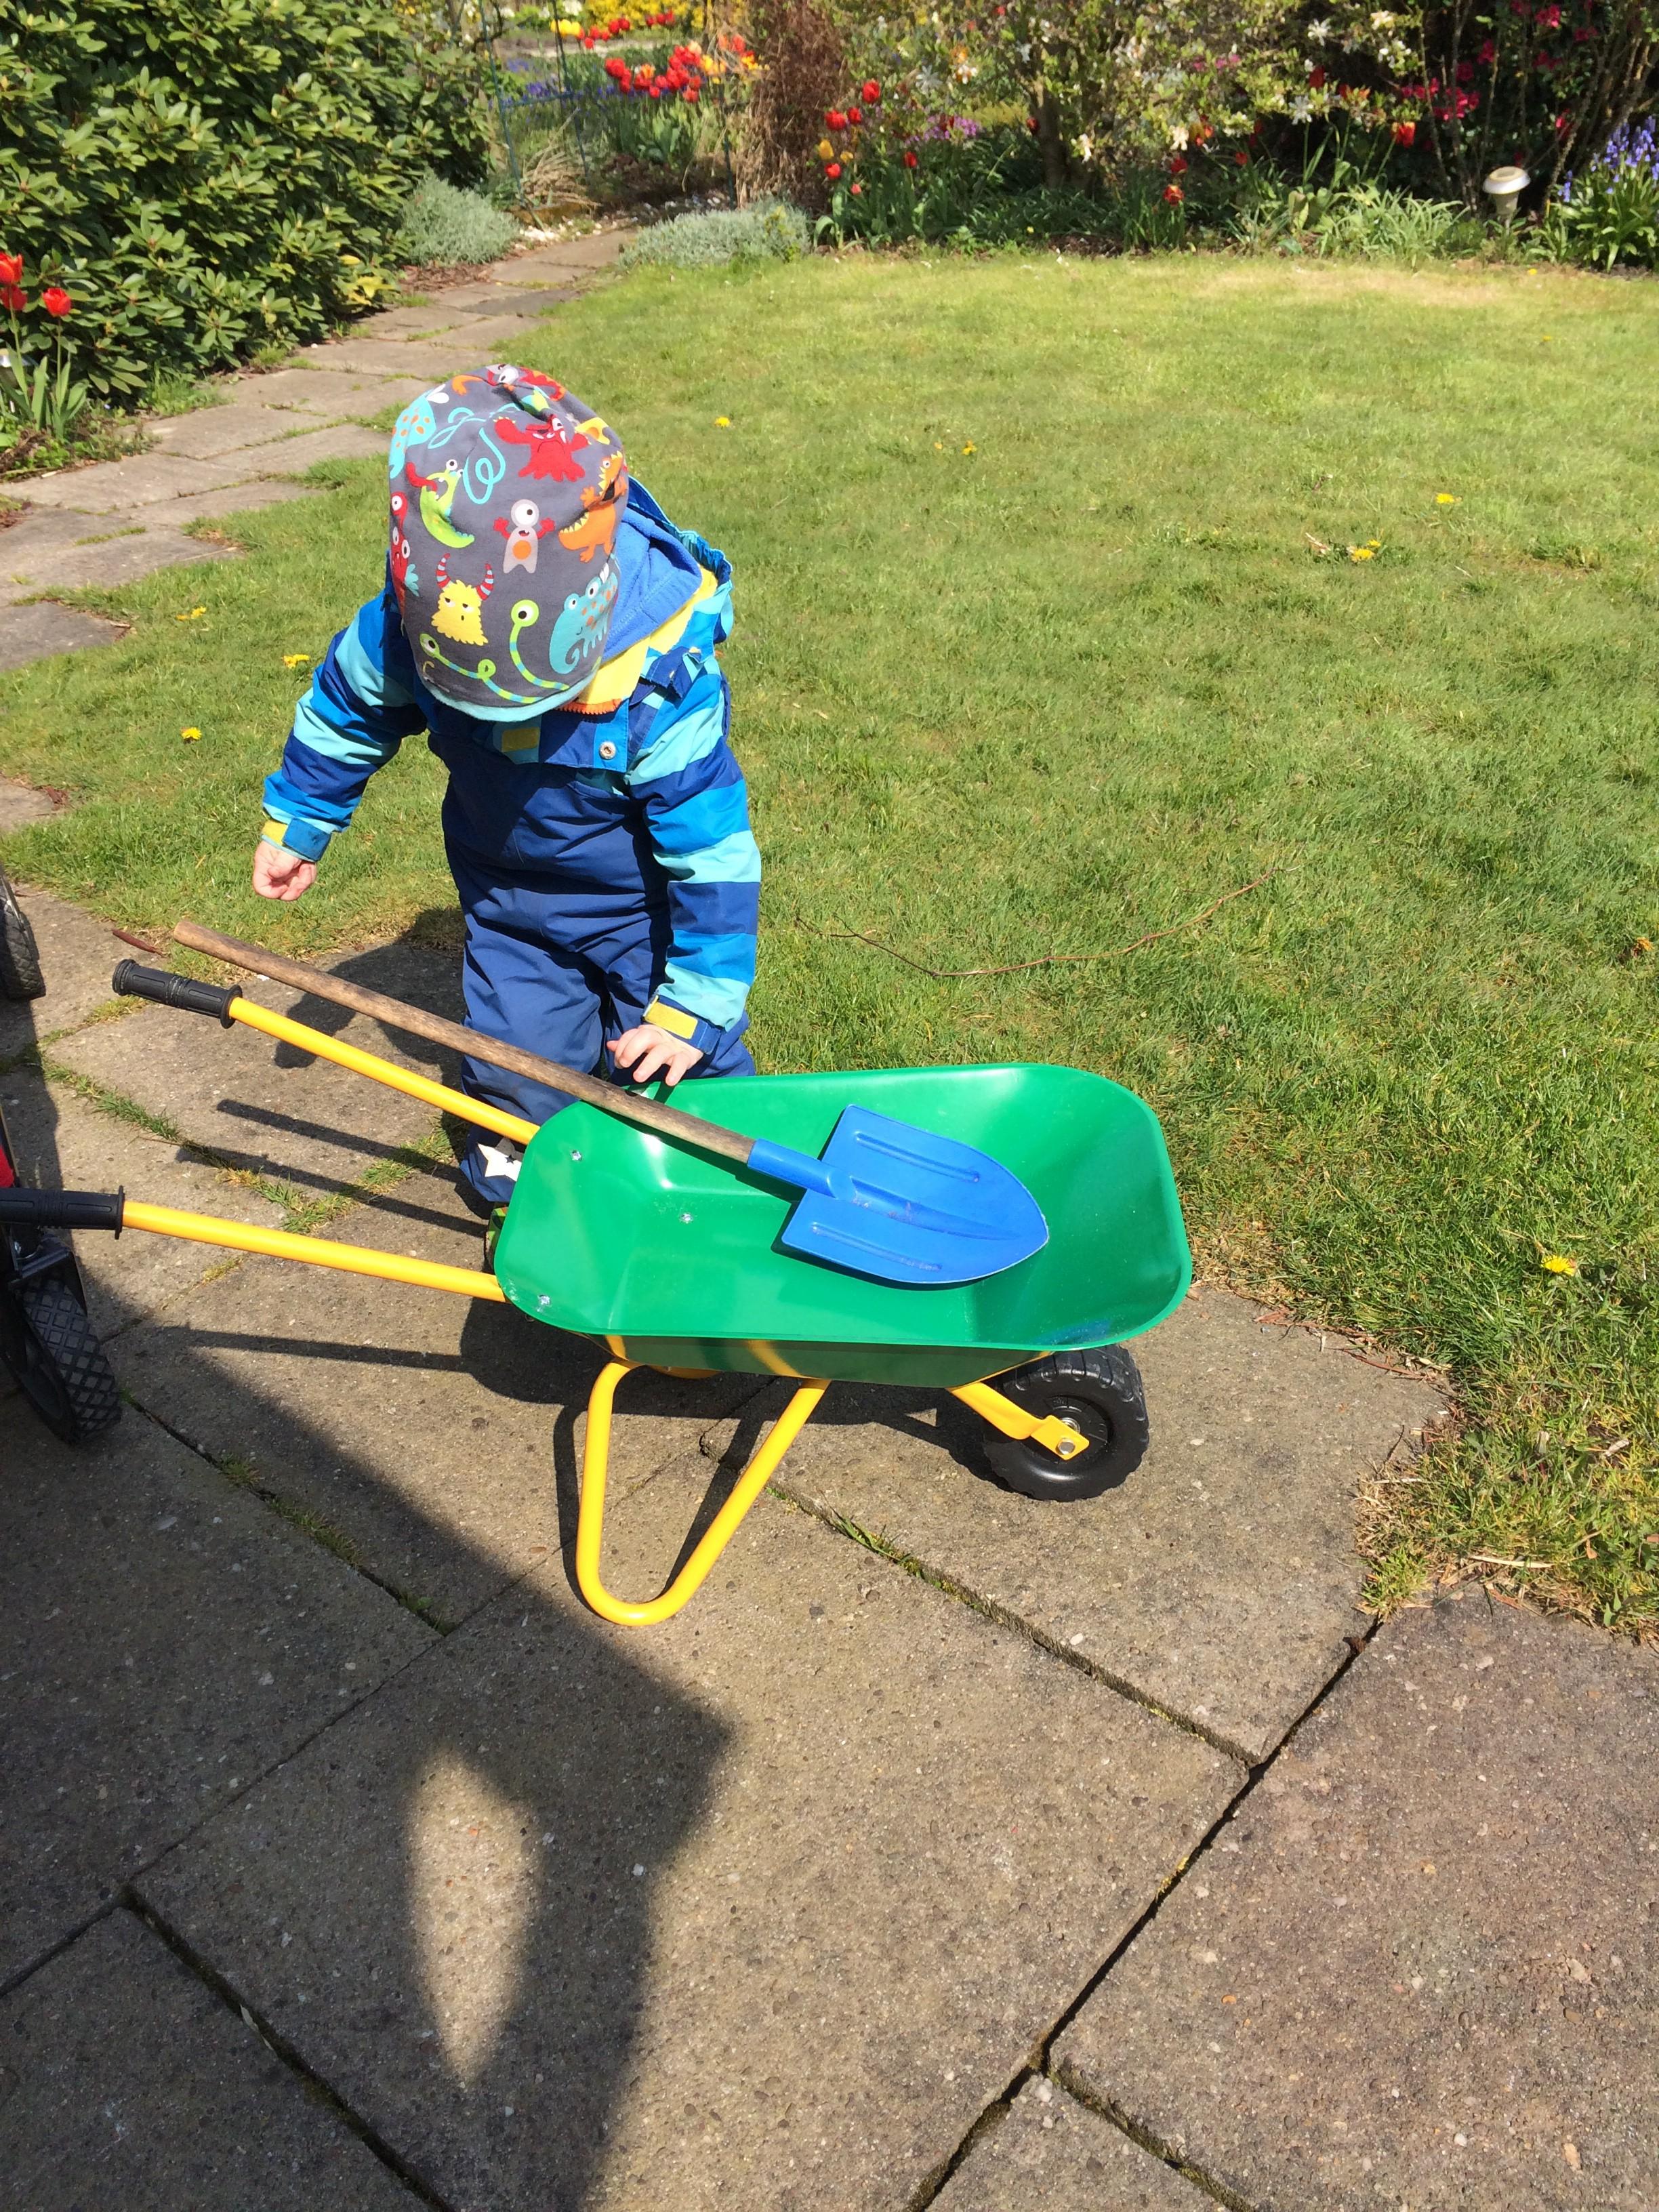 eBay Home & Garden: mit diesen 5 Dingen den perfekten Garten für die ganze Familie schaffen!